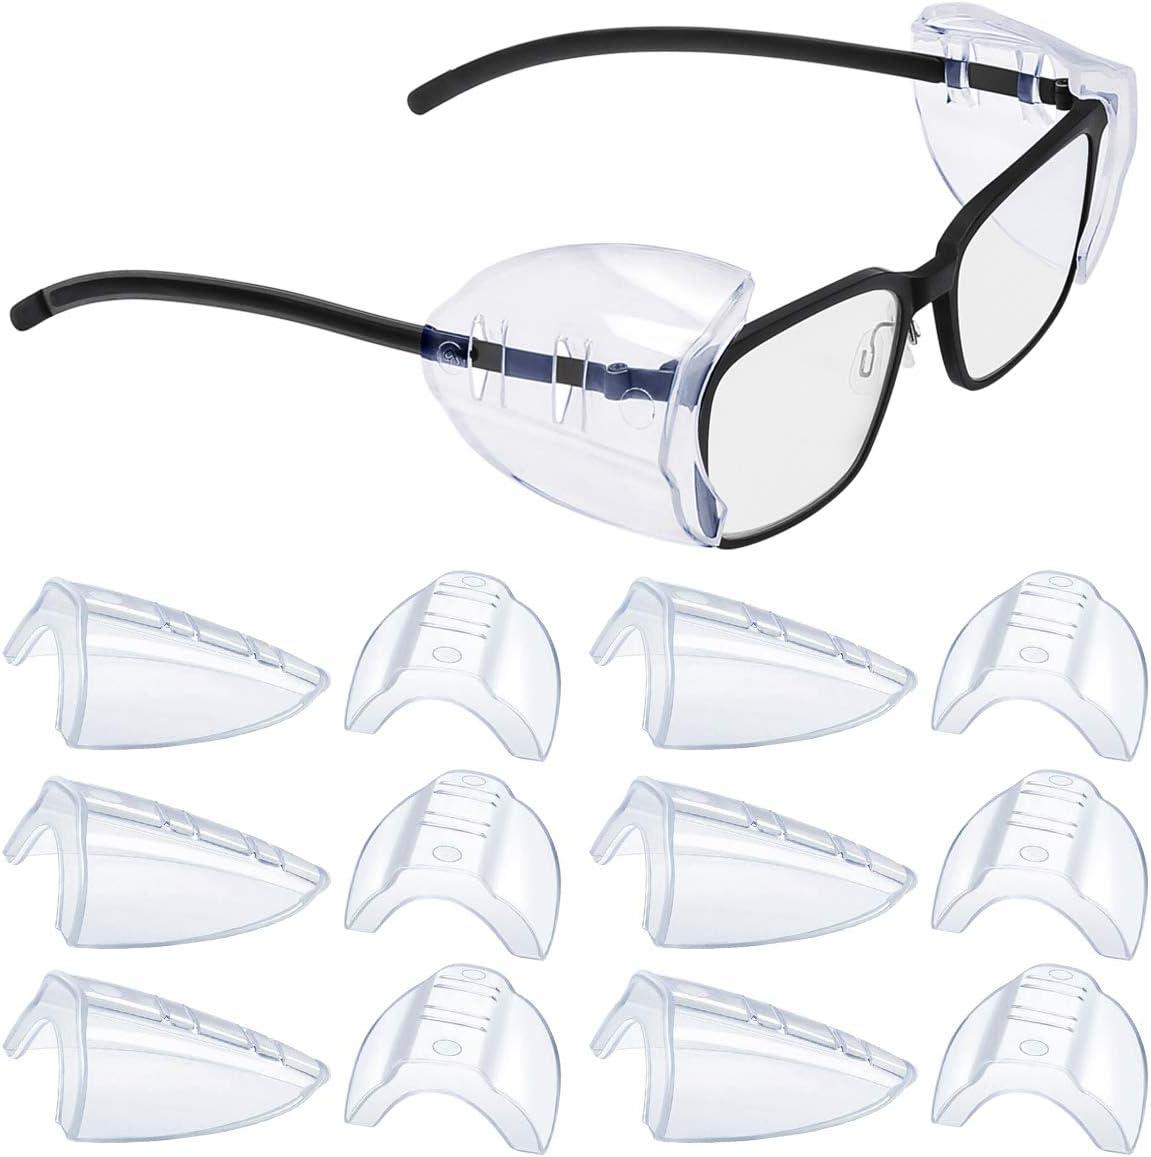 Gafas de protección lateral, gafas de protección con protección lateral para protección ocular, aptas para gafas pequeñas y medianas (6)